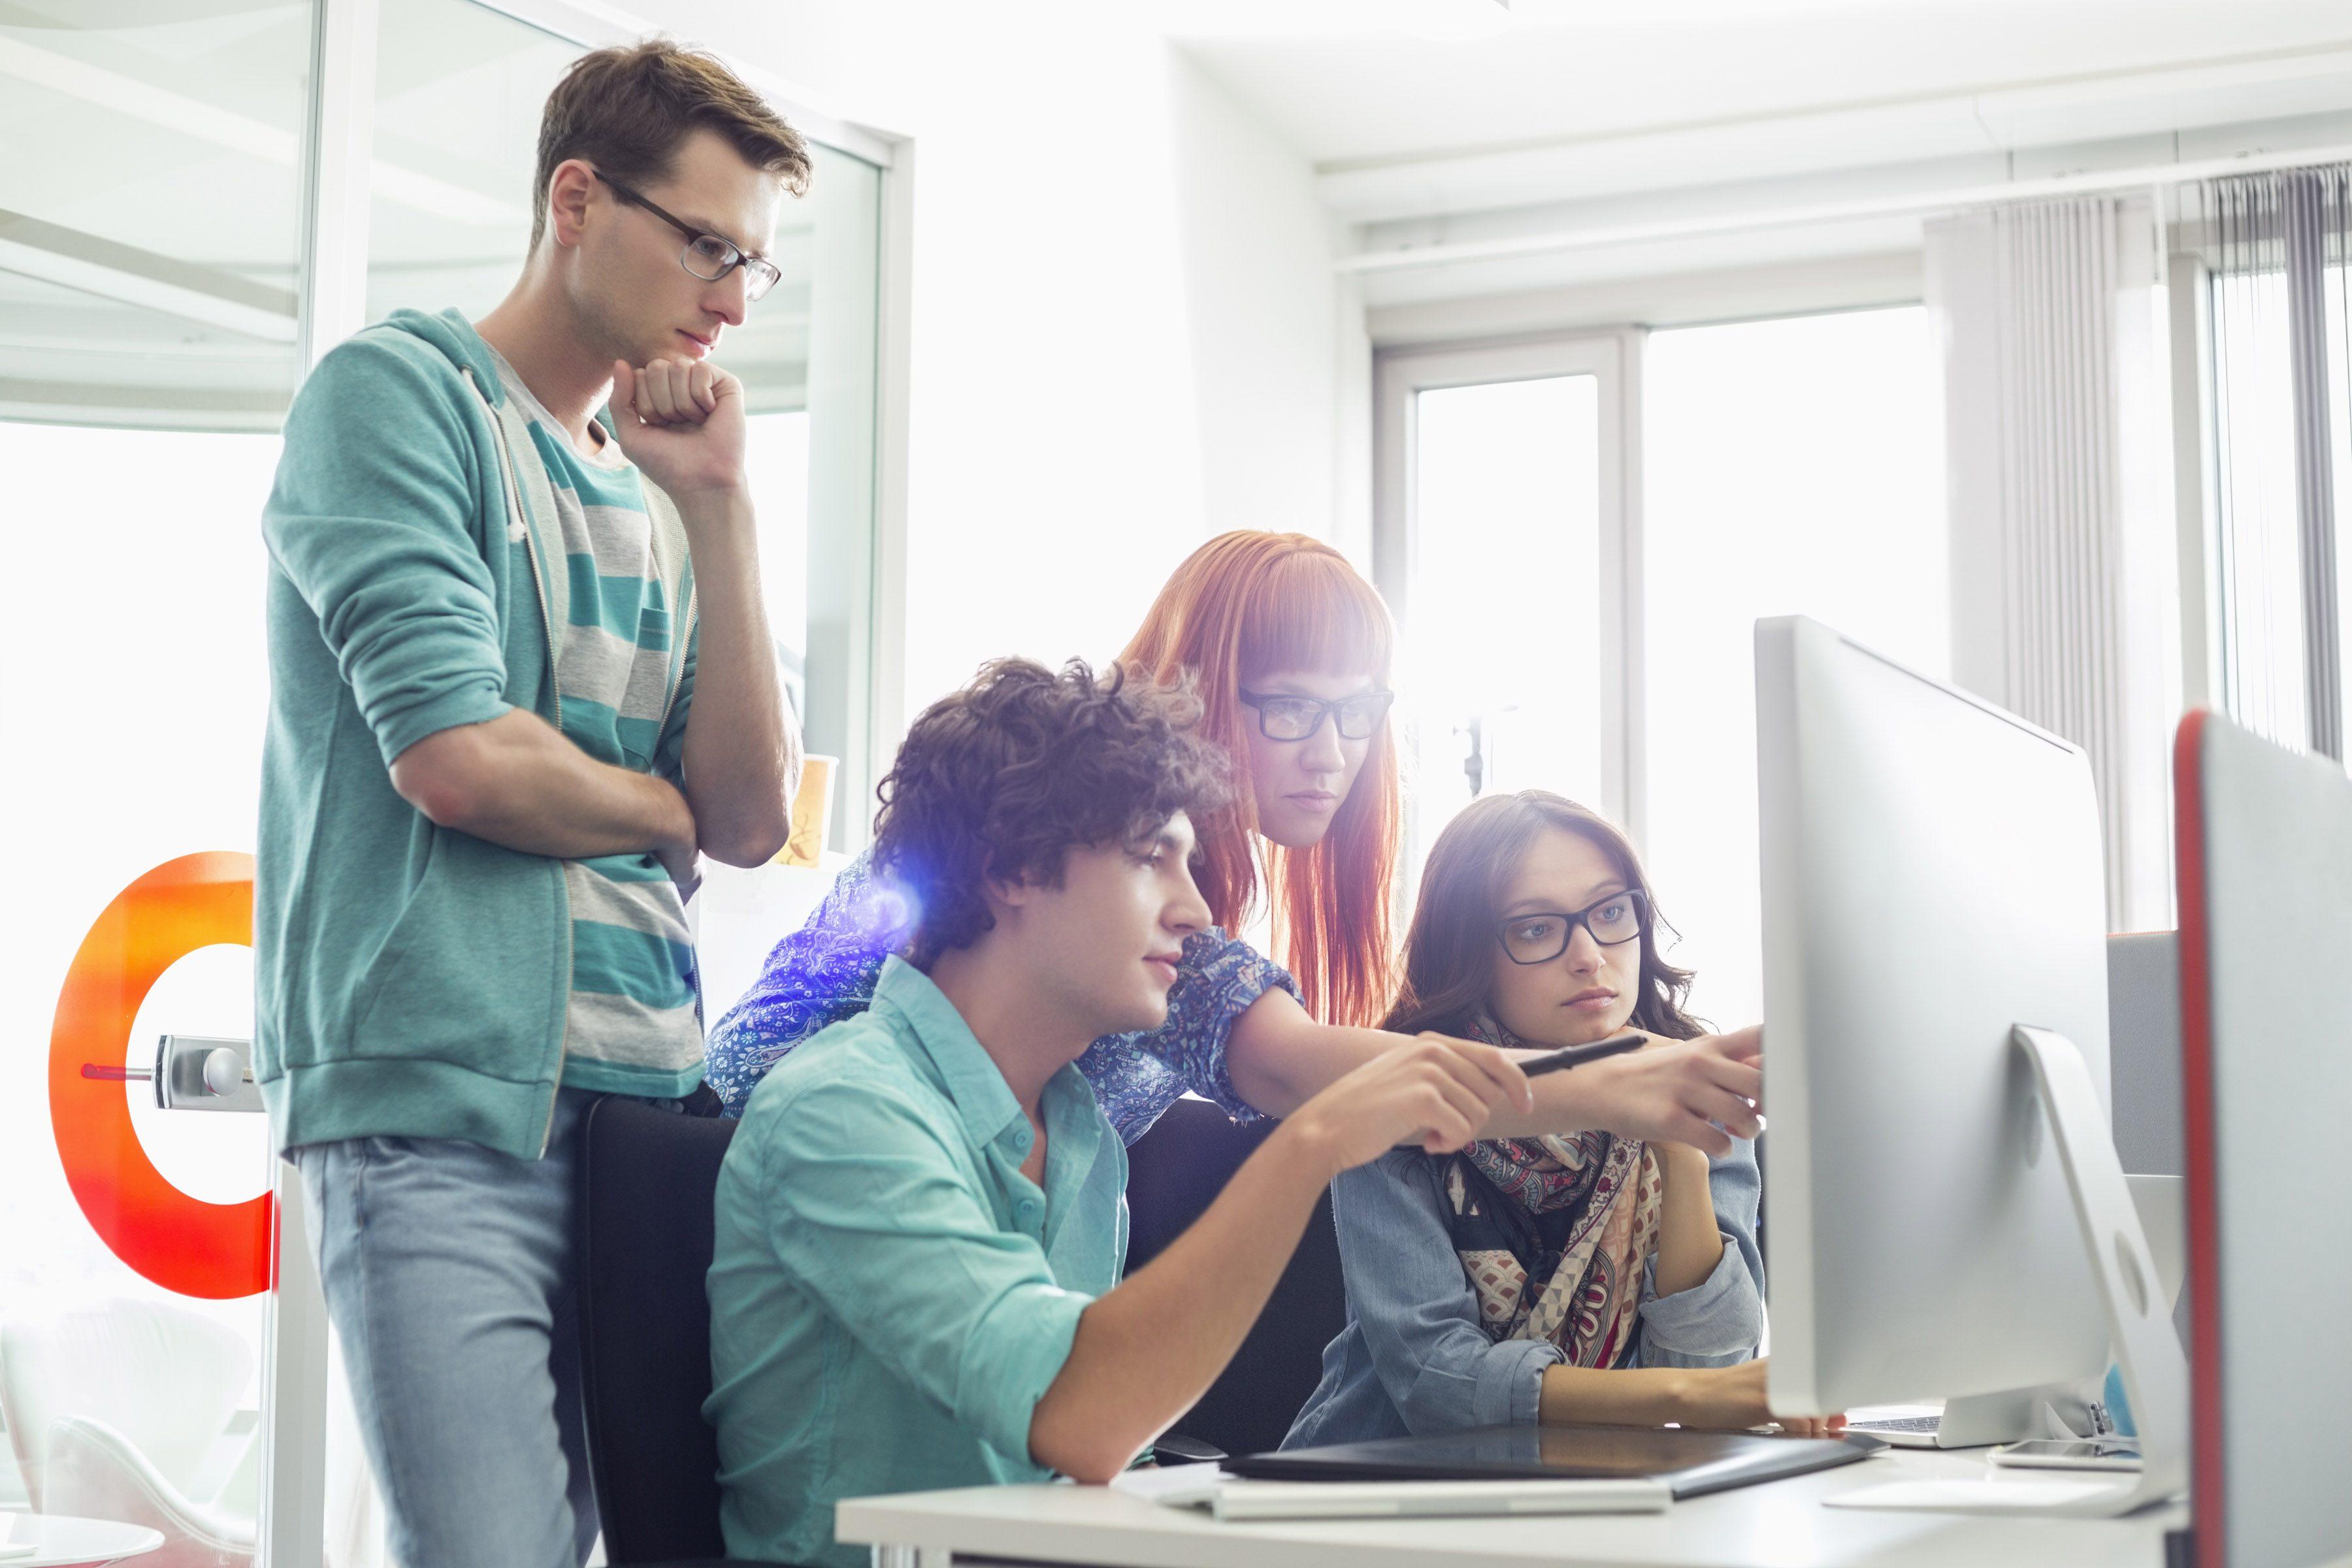 משרות פיתוח שוות בחברות Startup מובילות